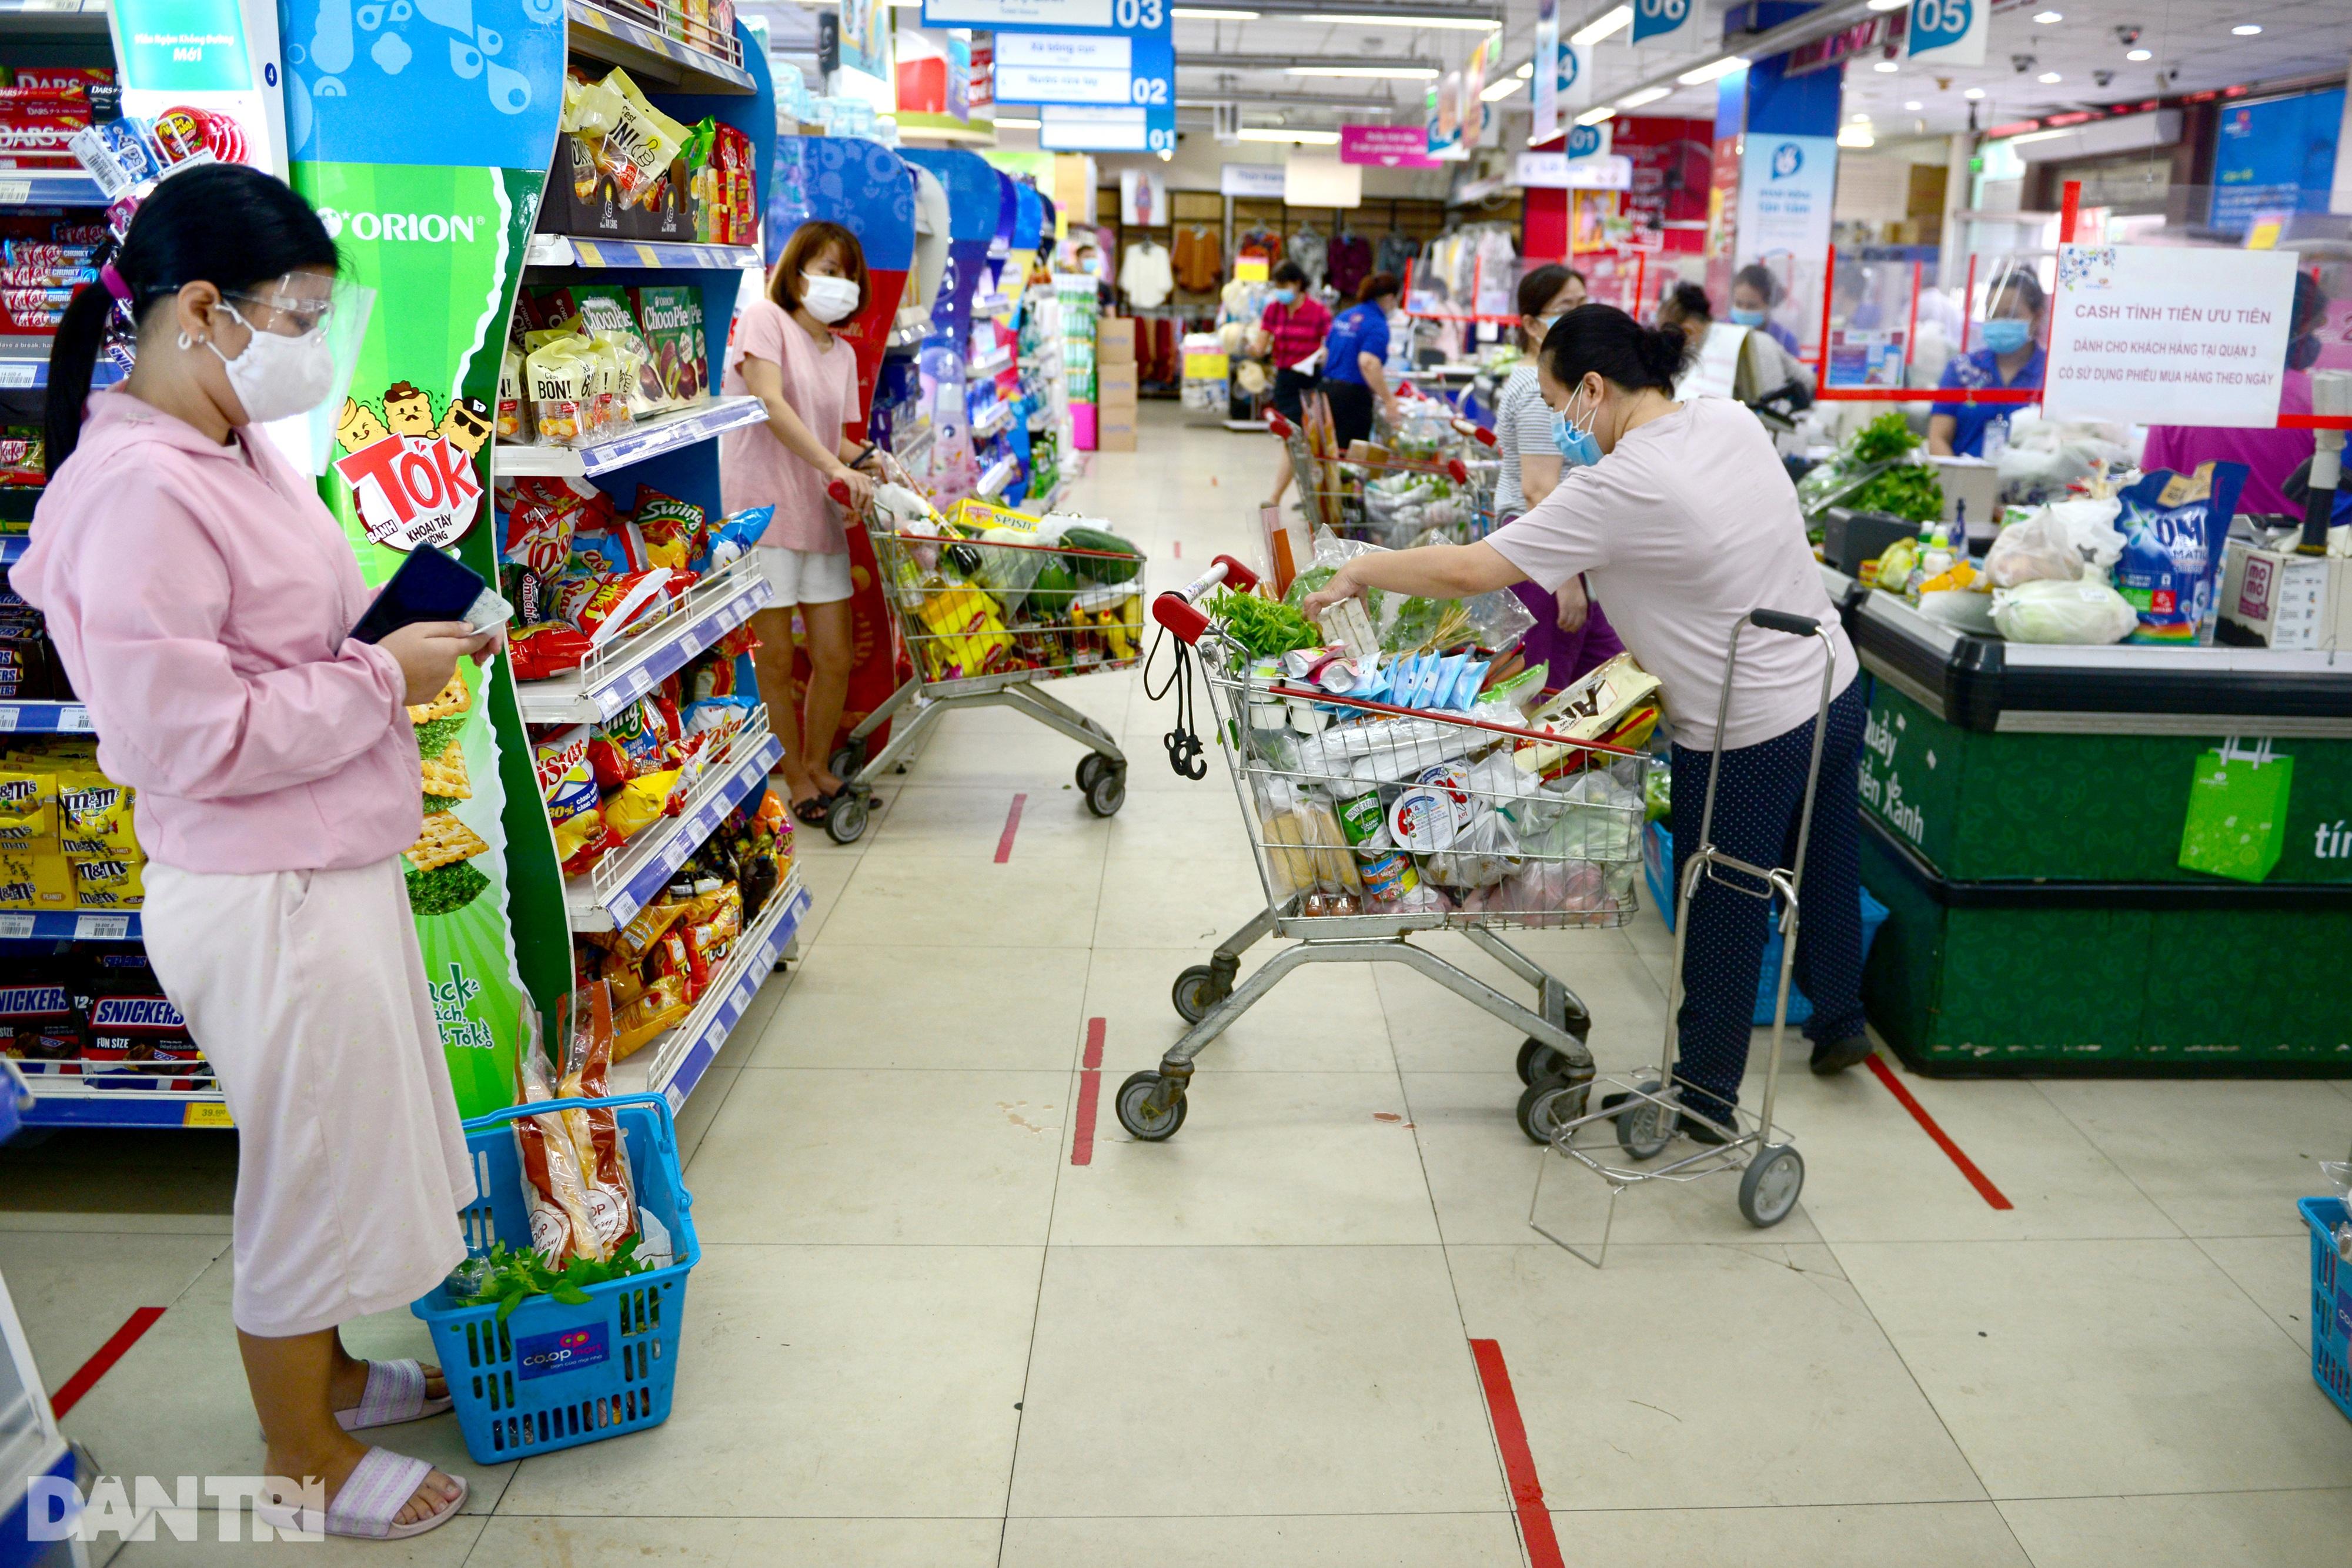 Siêu thị đầu tiên ở TPHCM phát phiếu đi chợ chẵn lẻ, dân mua hàng thế nào? - 13